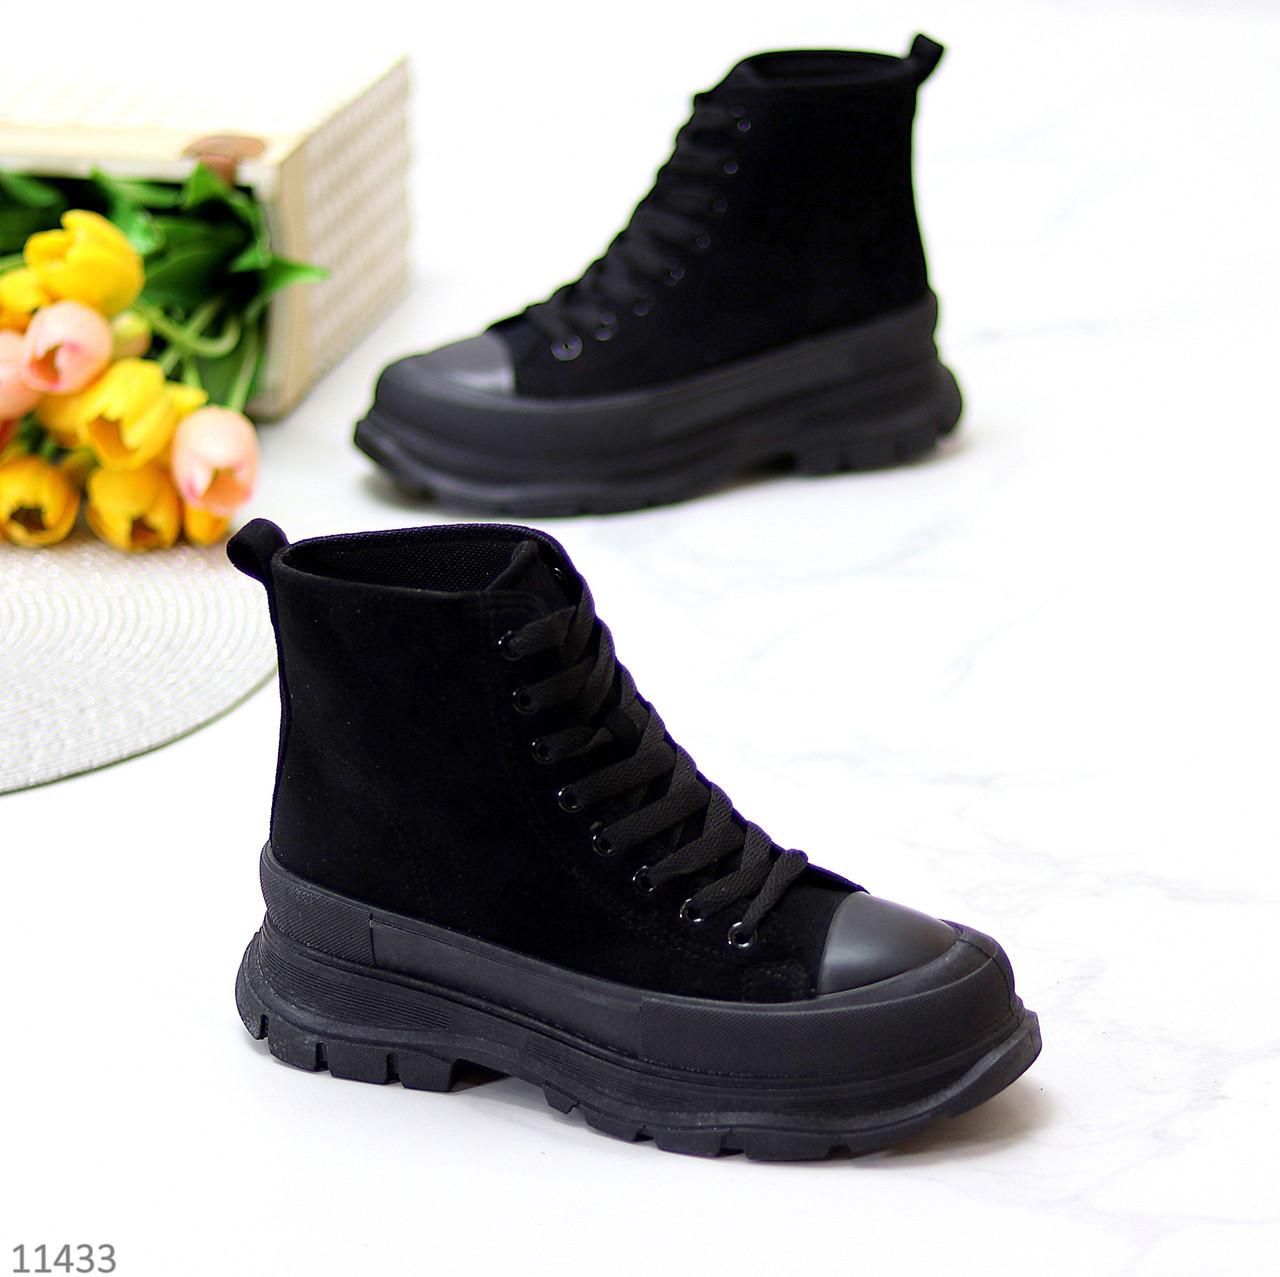 Актуальні чорні жіночі замшеві жіночі черевики на шнурівці на платформі